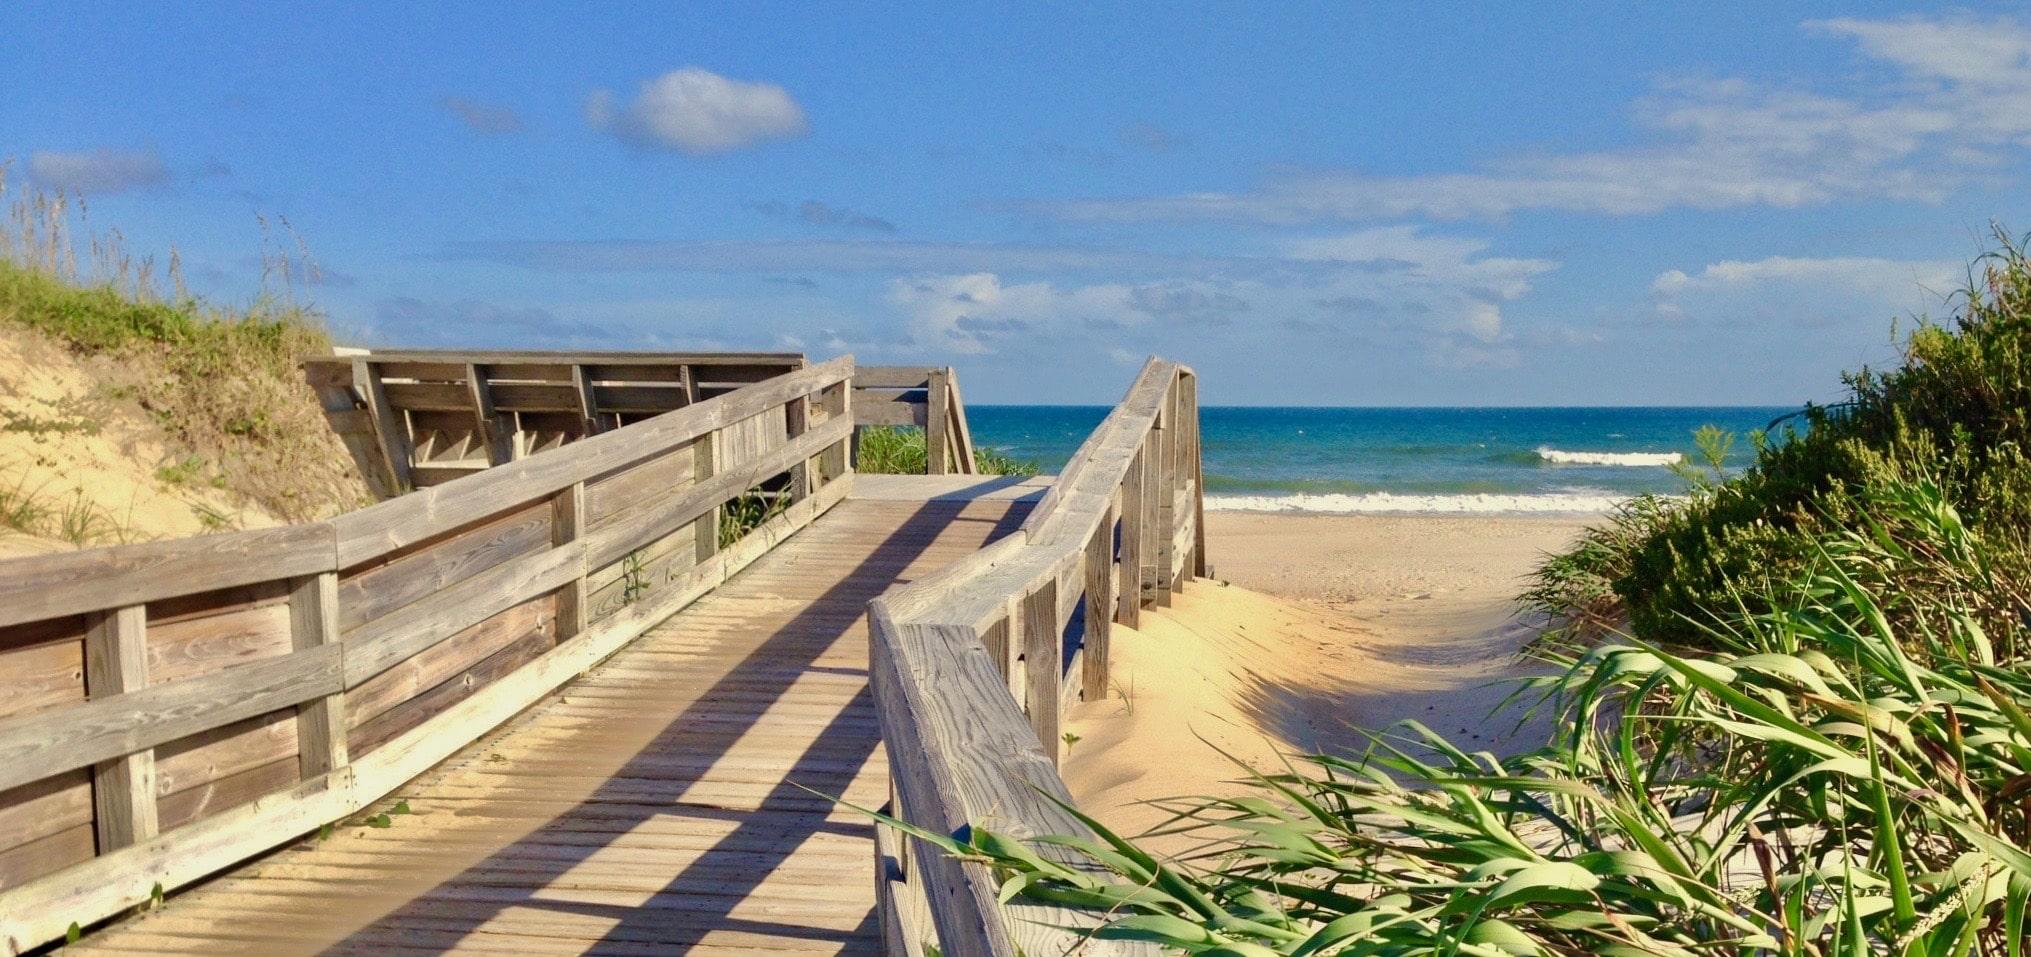 Ocracoke Beach Boardwalk